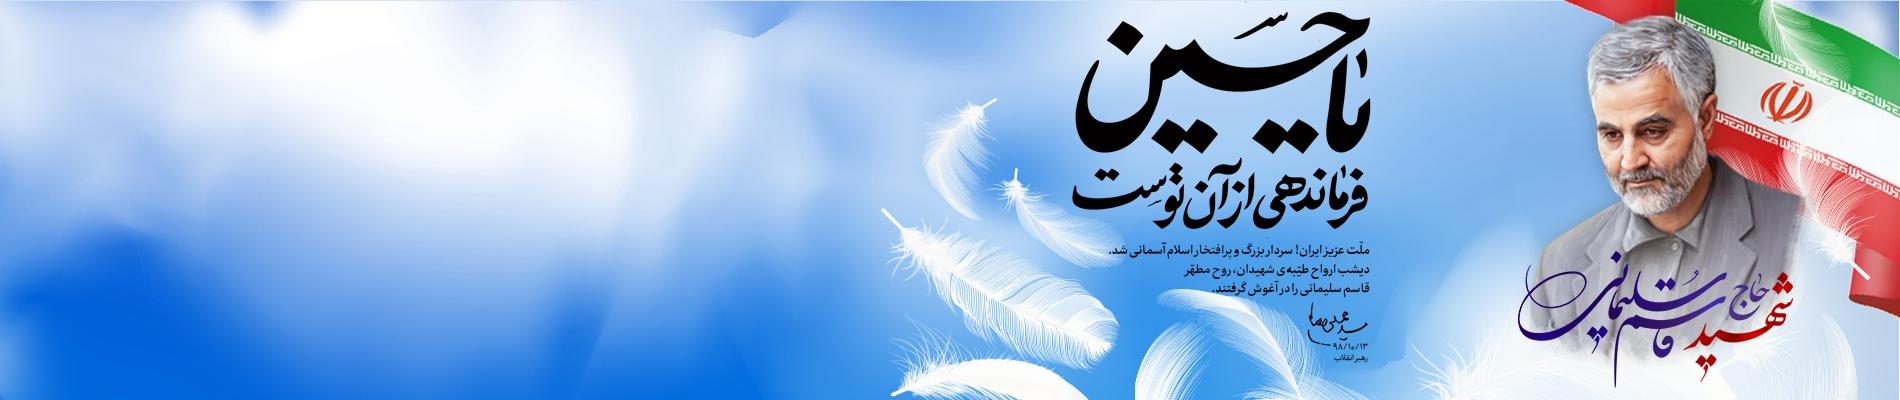 ملّت عزیز ایران! سردار بزرگ و پرافتخار اسلام آسمانی شد.